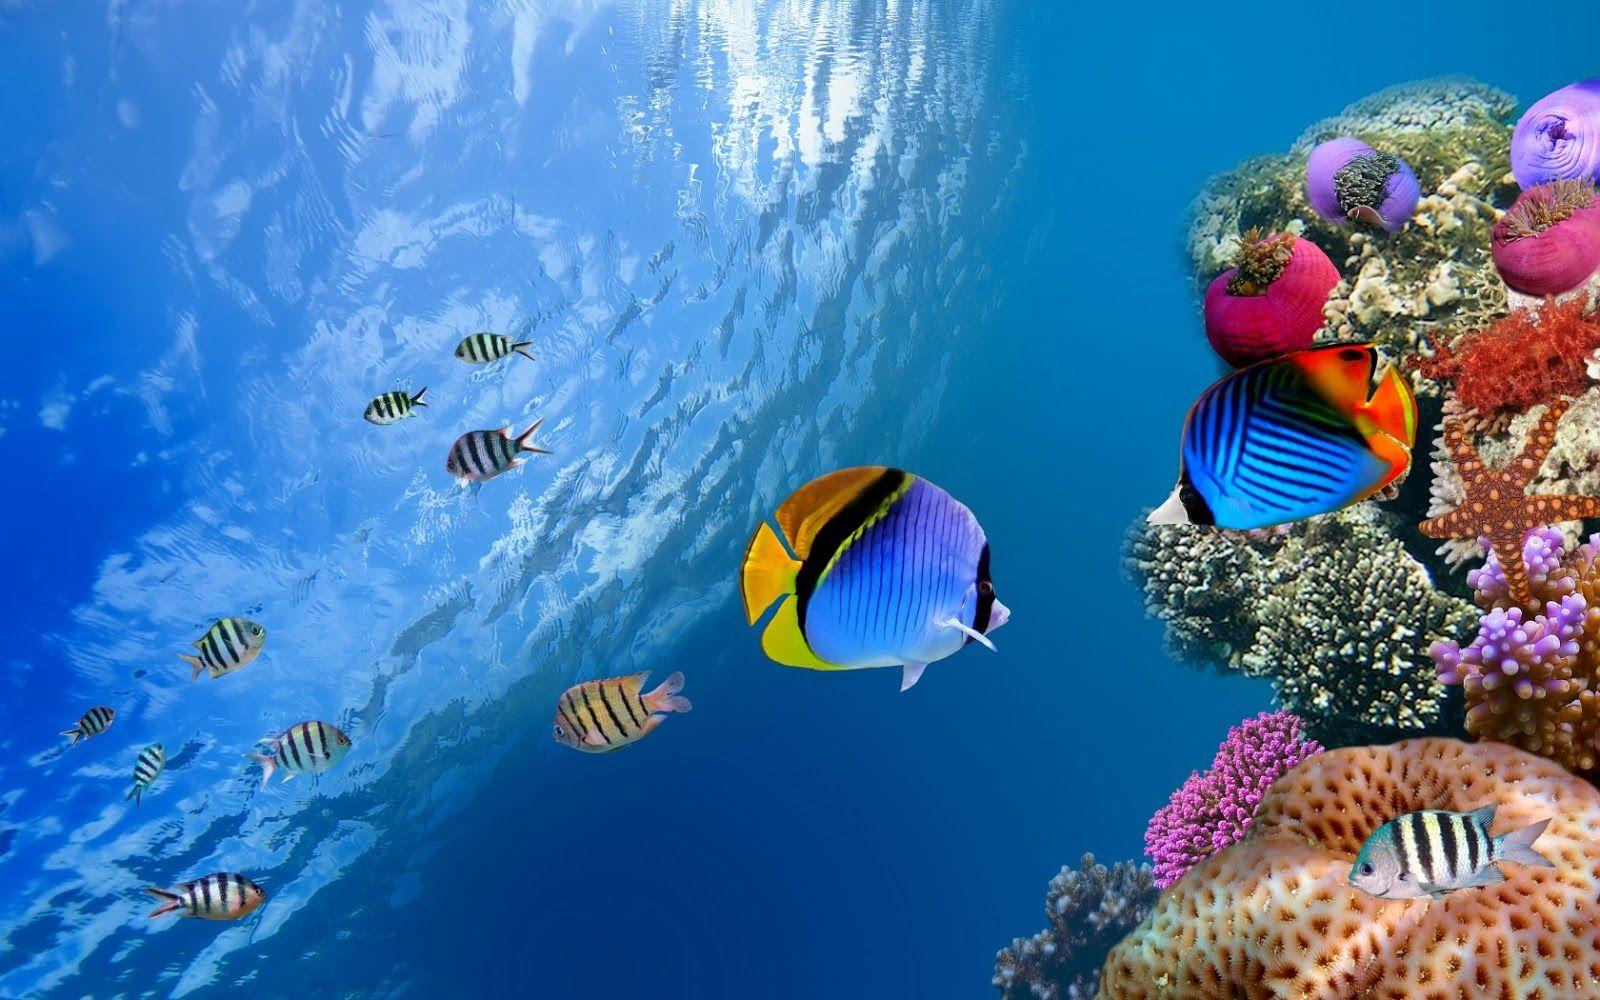 Imagenes De Peces De Colores En El Fondo De Arrecifes De Coral Peces Tropicales Fondo De Pantalla De Peces Arrecifes De Coral